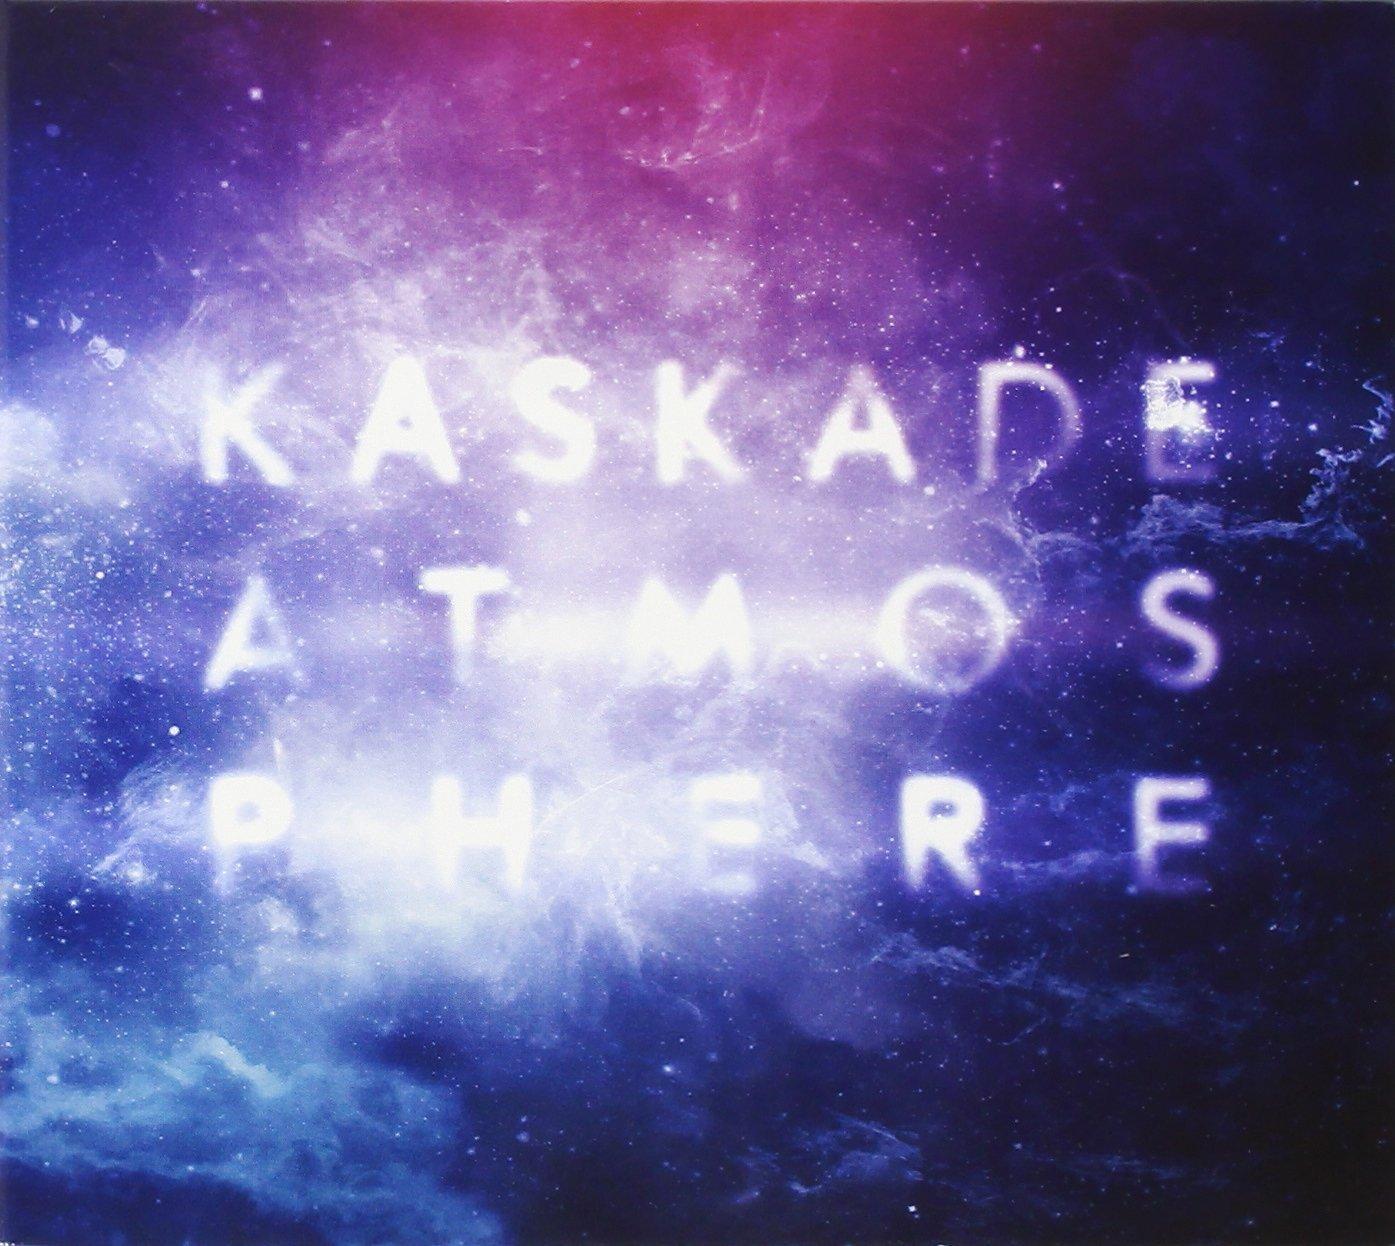 Kaskade_Atmosphere.jpg